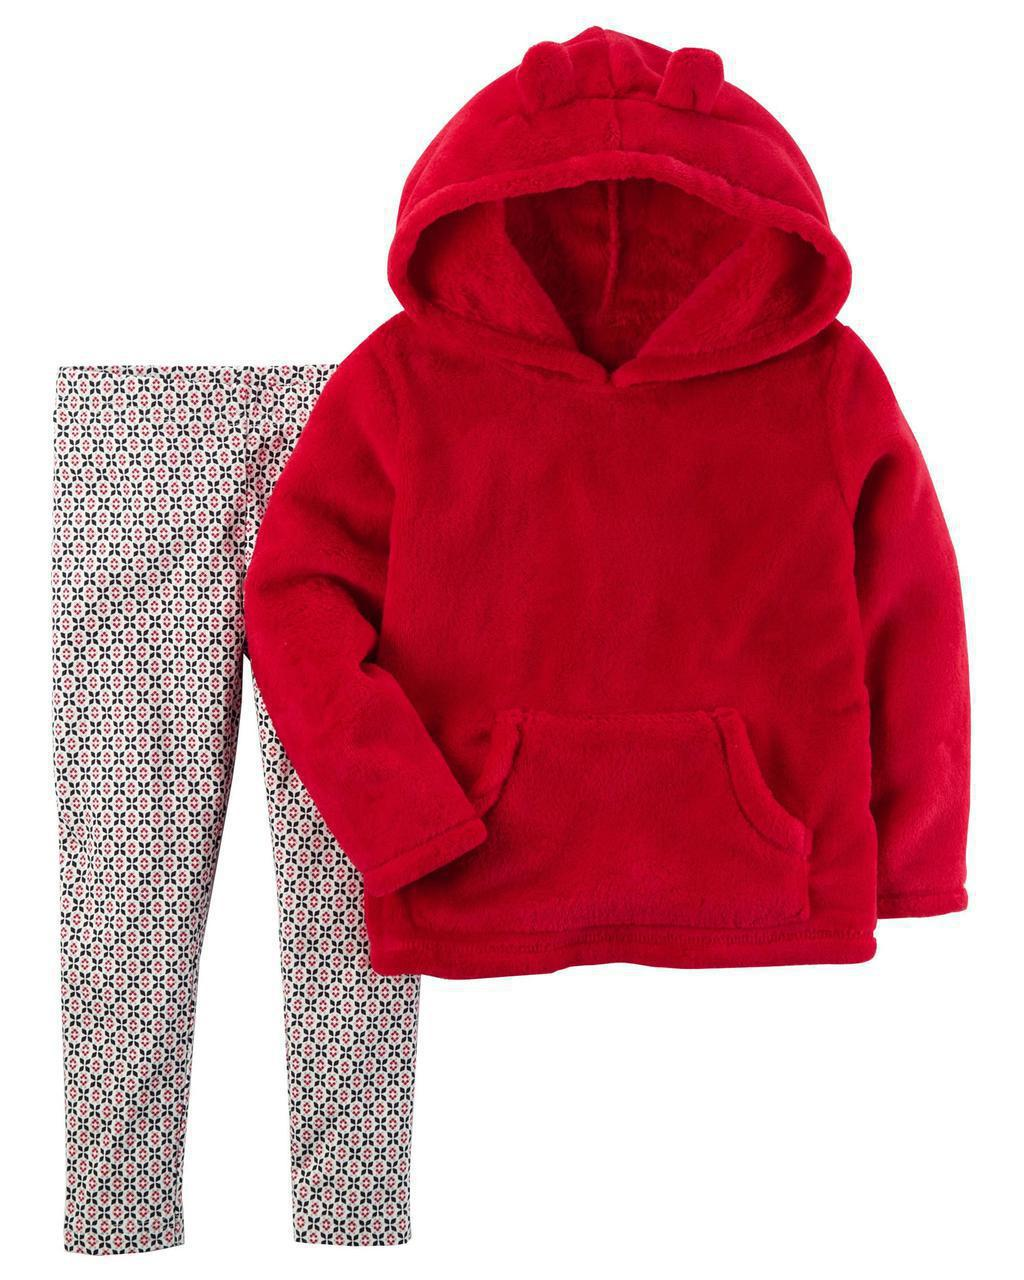 Леггинсы + Теплый пуловер Carters для девочки 9 мес 67-72 см. Набор из 2-х частей